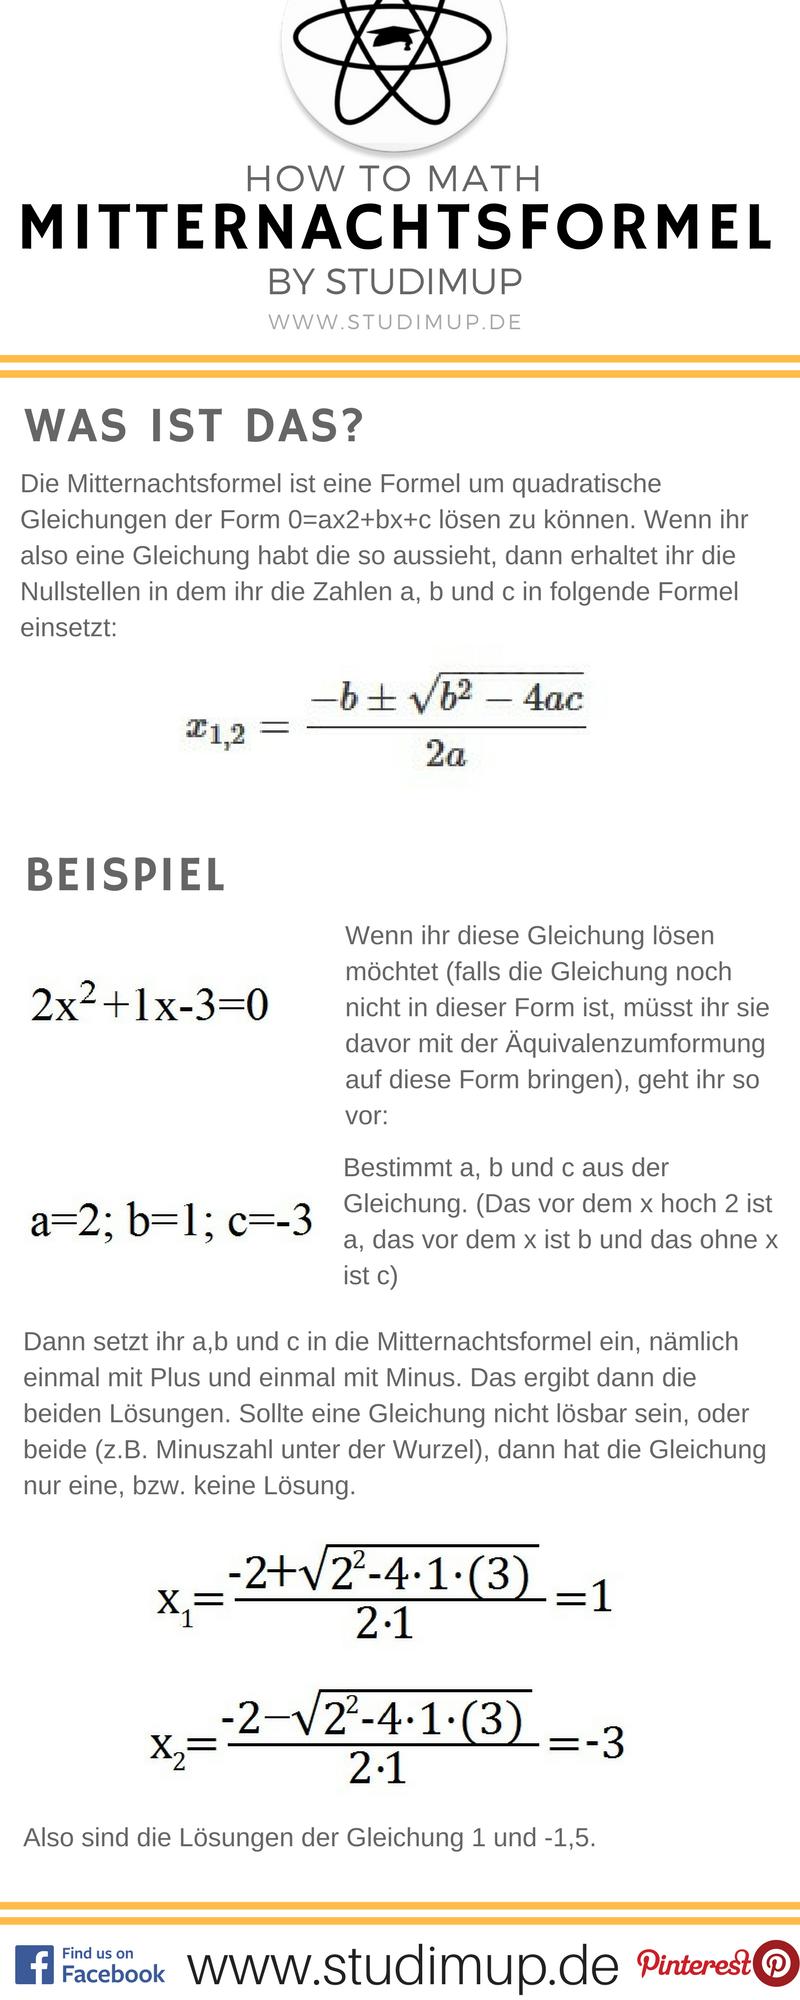 Mitternachtsfomrel einfach im Spickzettel erklärt. Einfach Mathe ...